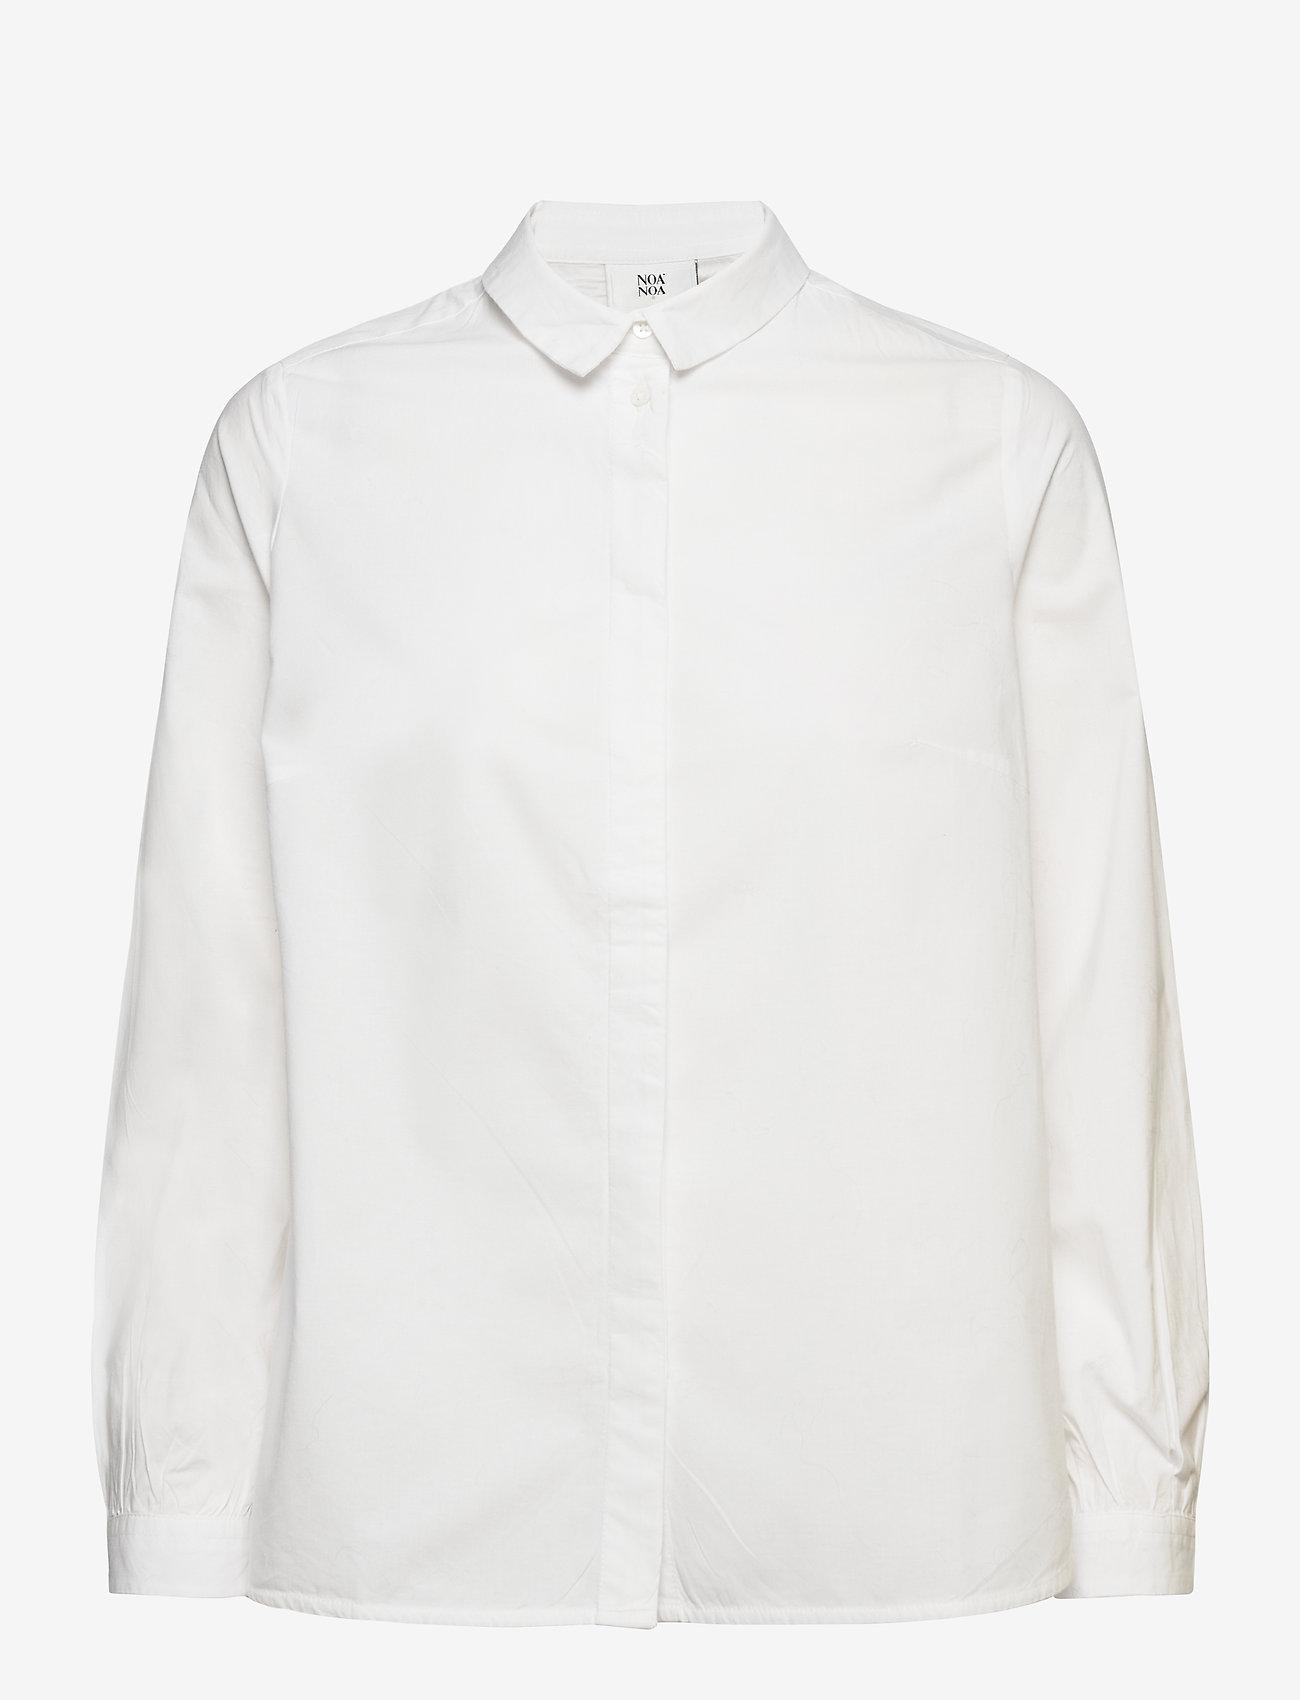 Noa Noa - Blouse - long-sleeved shirts - cloud dancer - 0